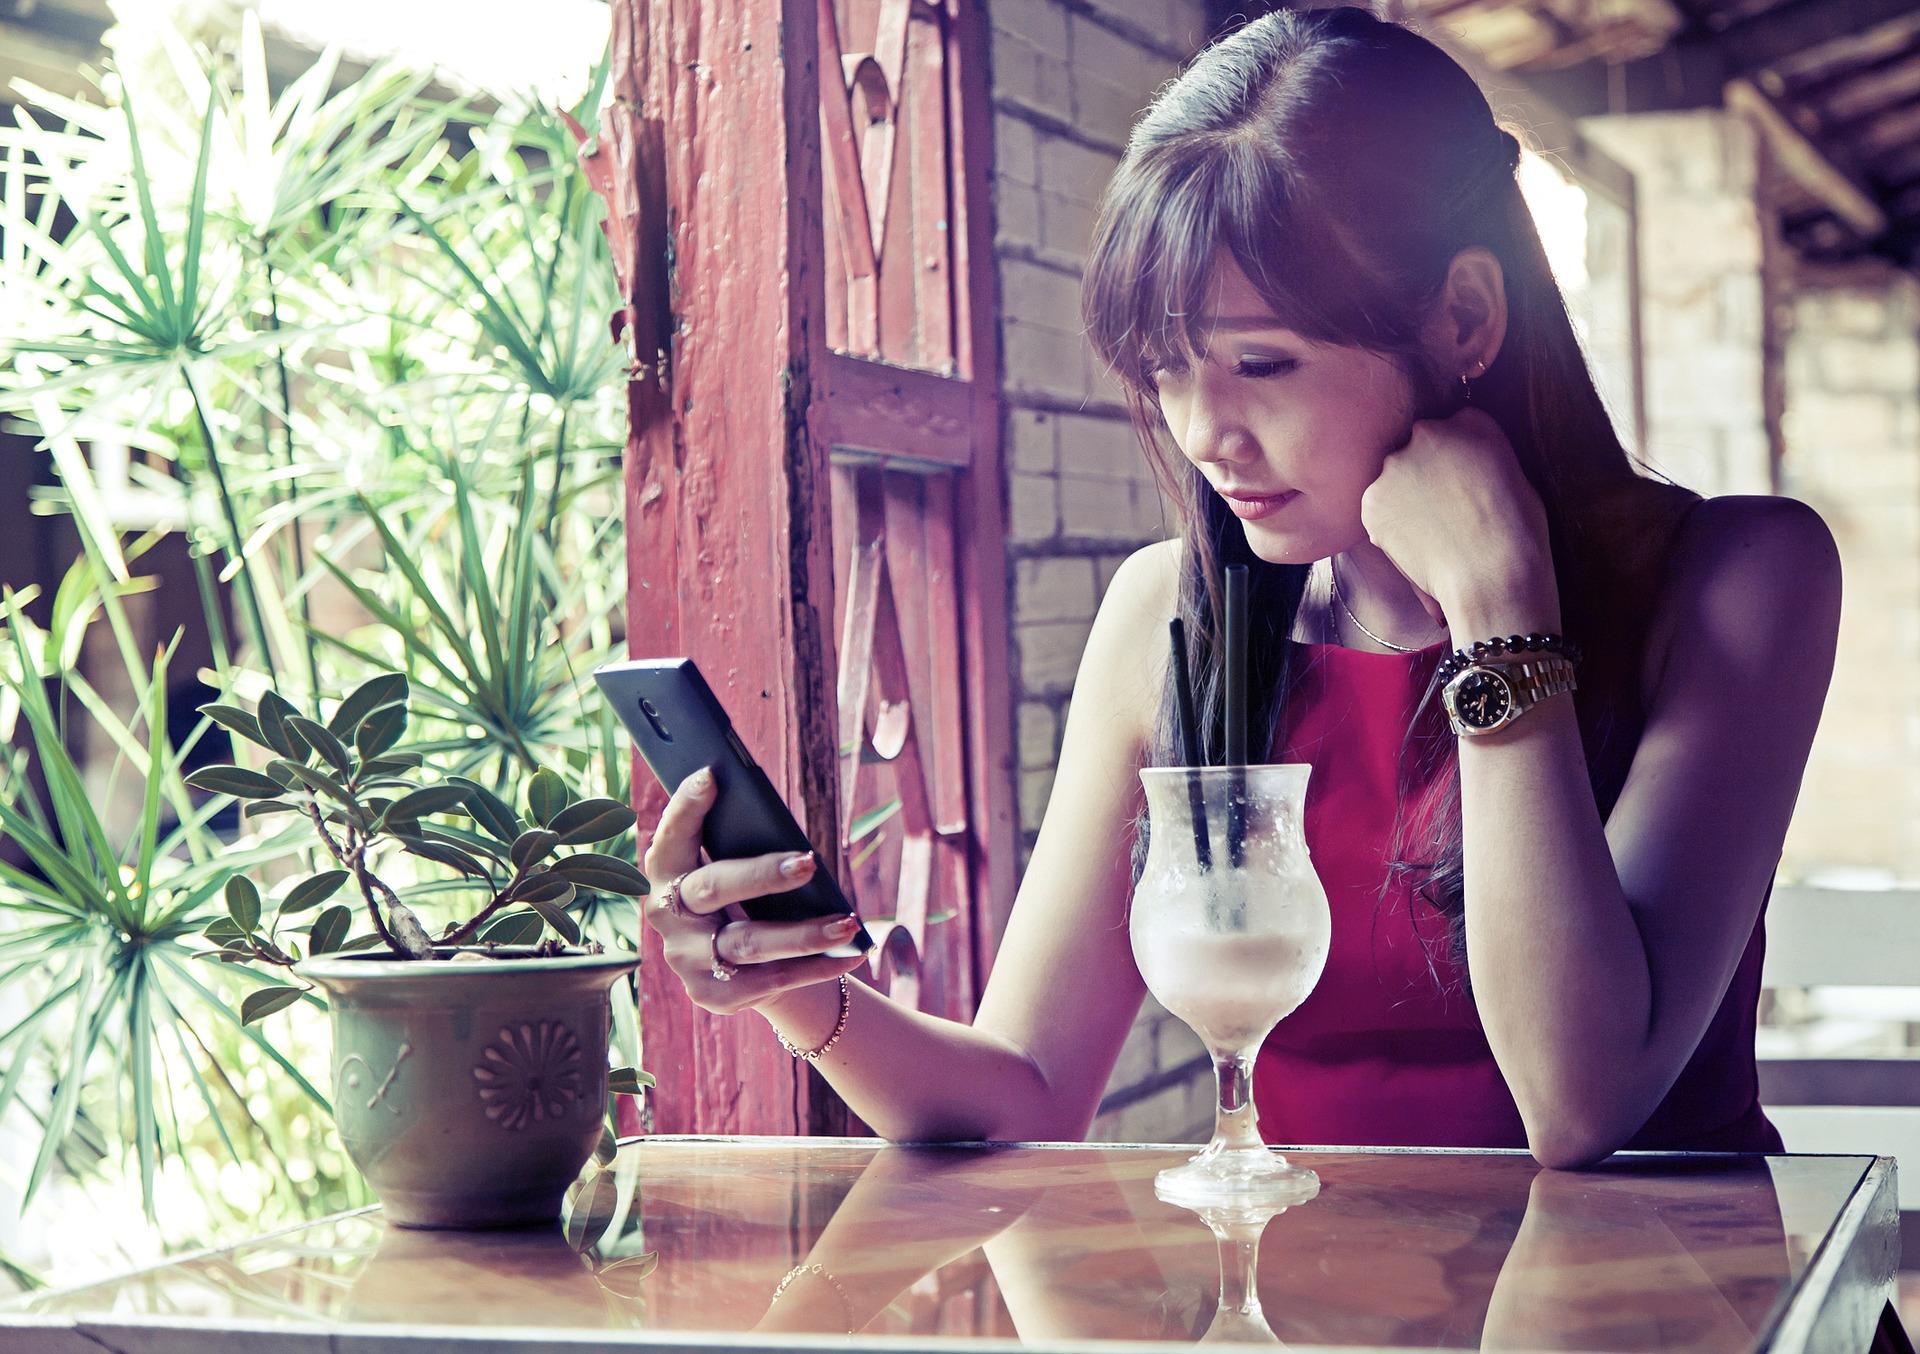 la influencia negativa de las redes sociales en la autoestima